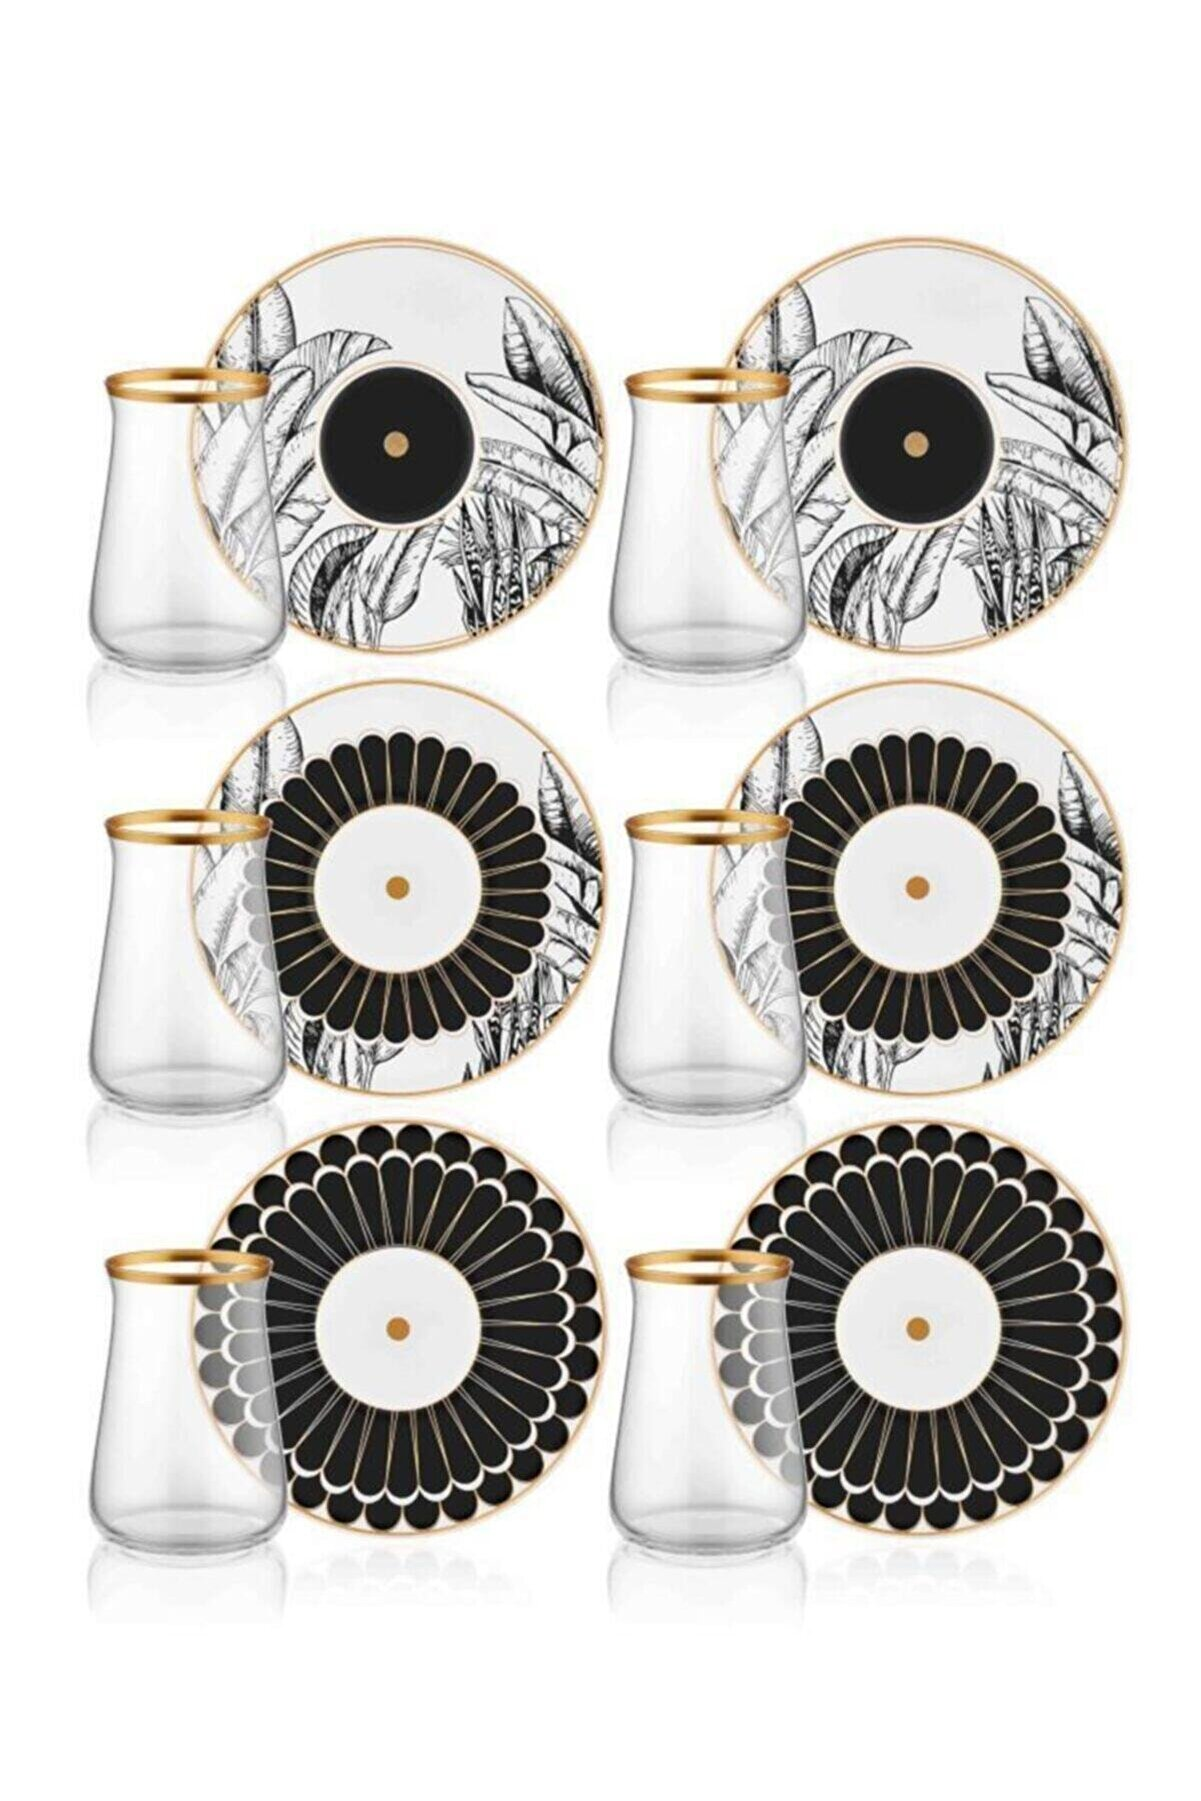 The Mia Cote 6 Kişilik Porselen & Cam Çay Bardak Takımı Prs0055